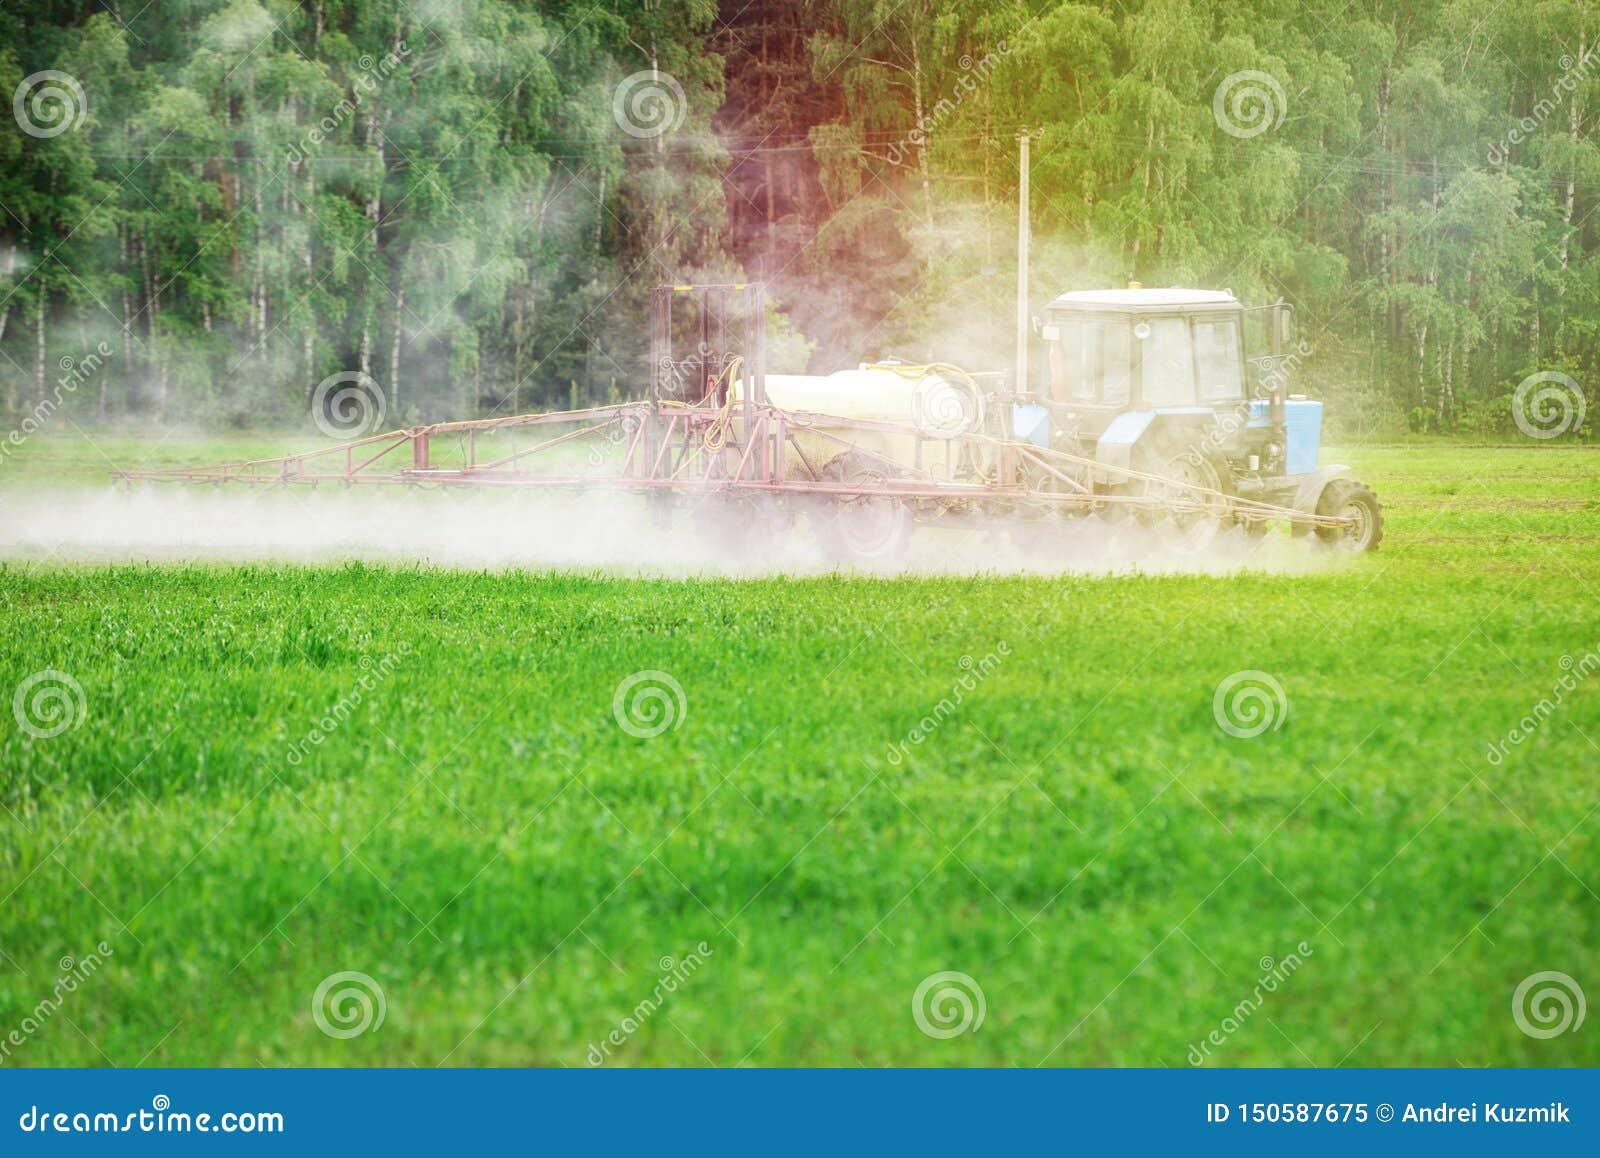 Tractror opryskiwania pestycydy, flit lub herbicydy,